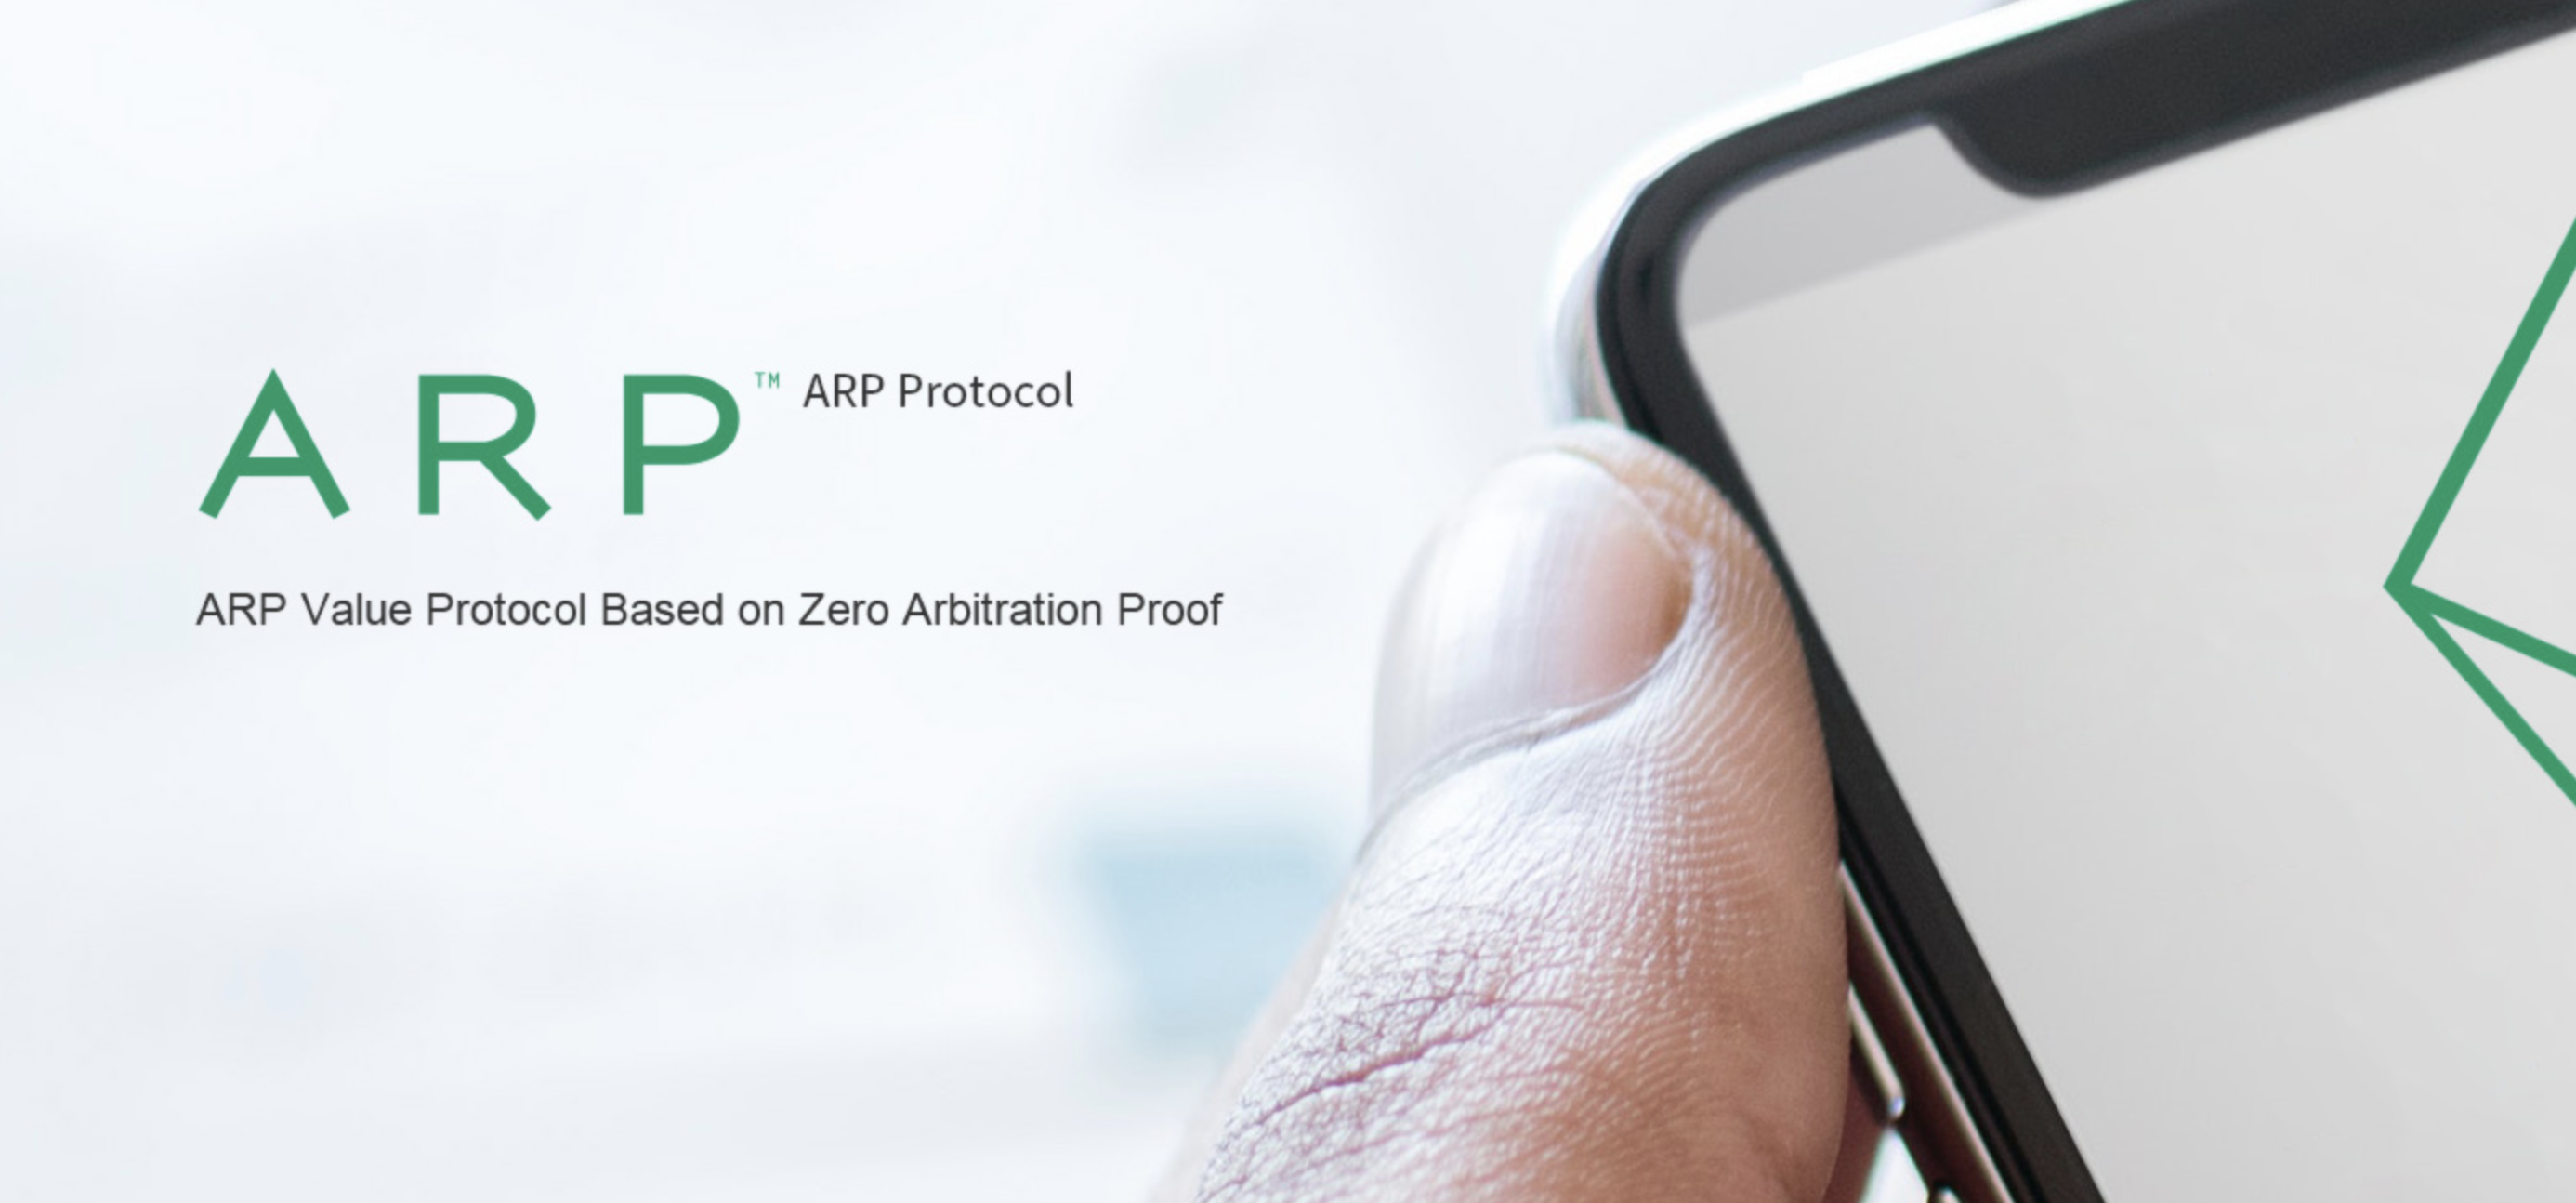 ARP(App Rendering Power) 仮想通貨 大暴落